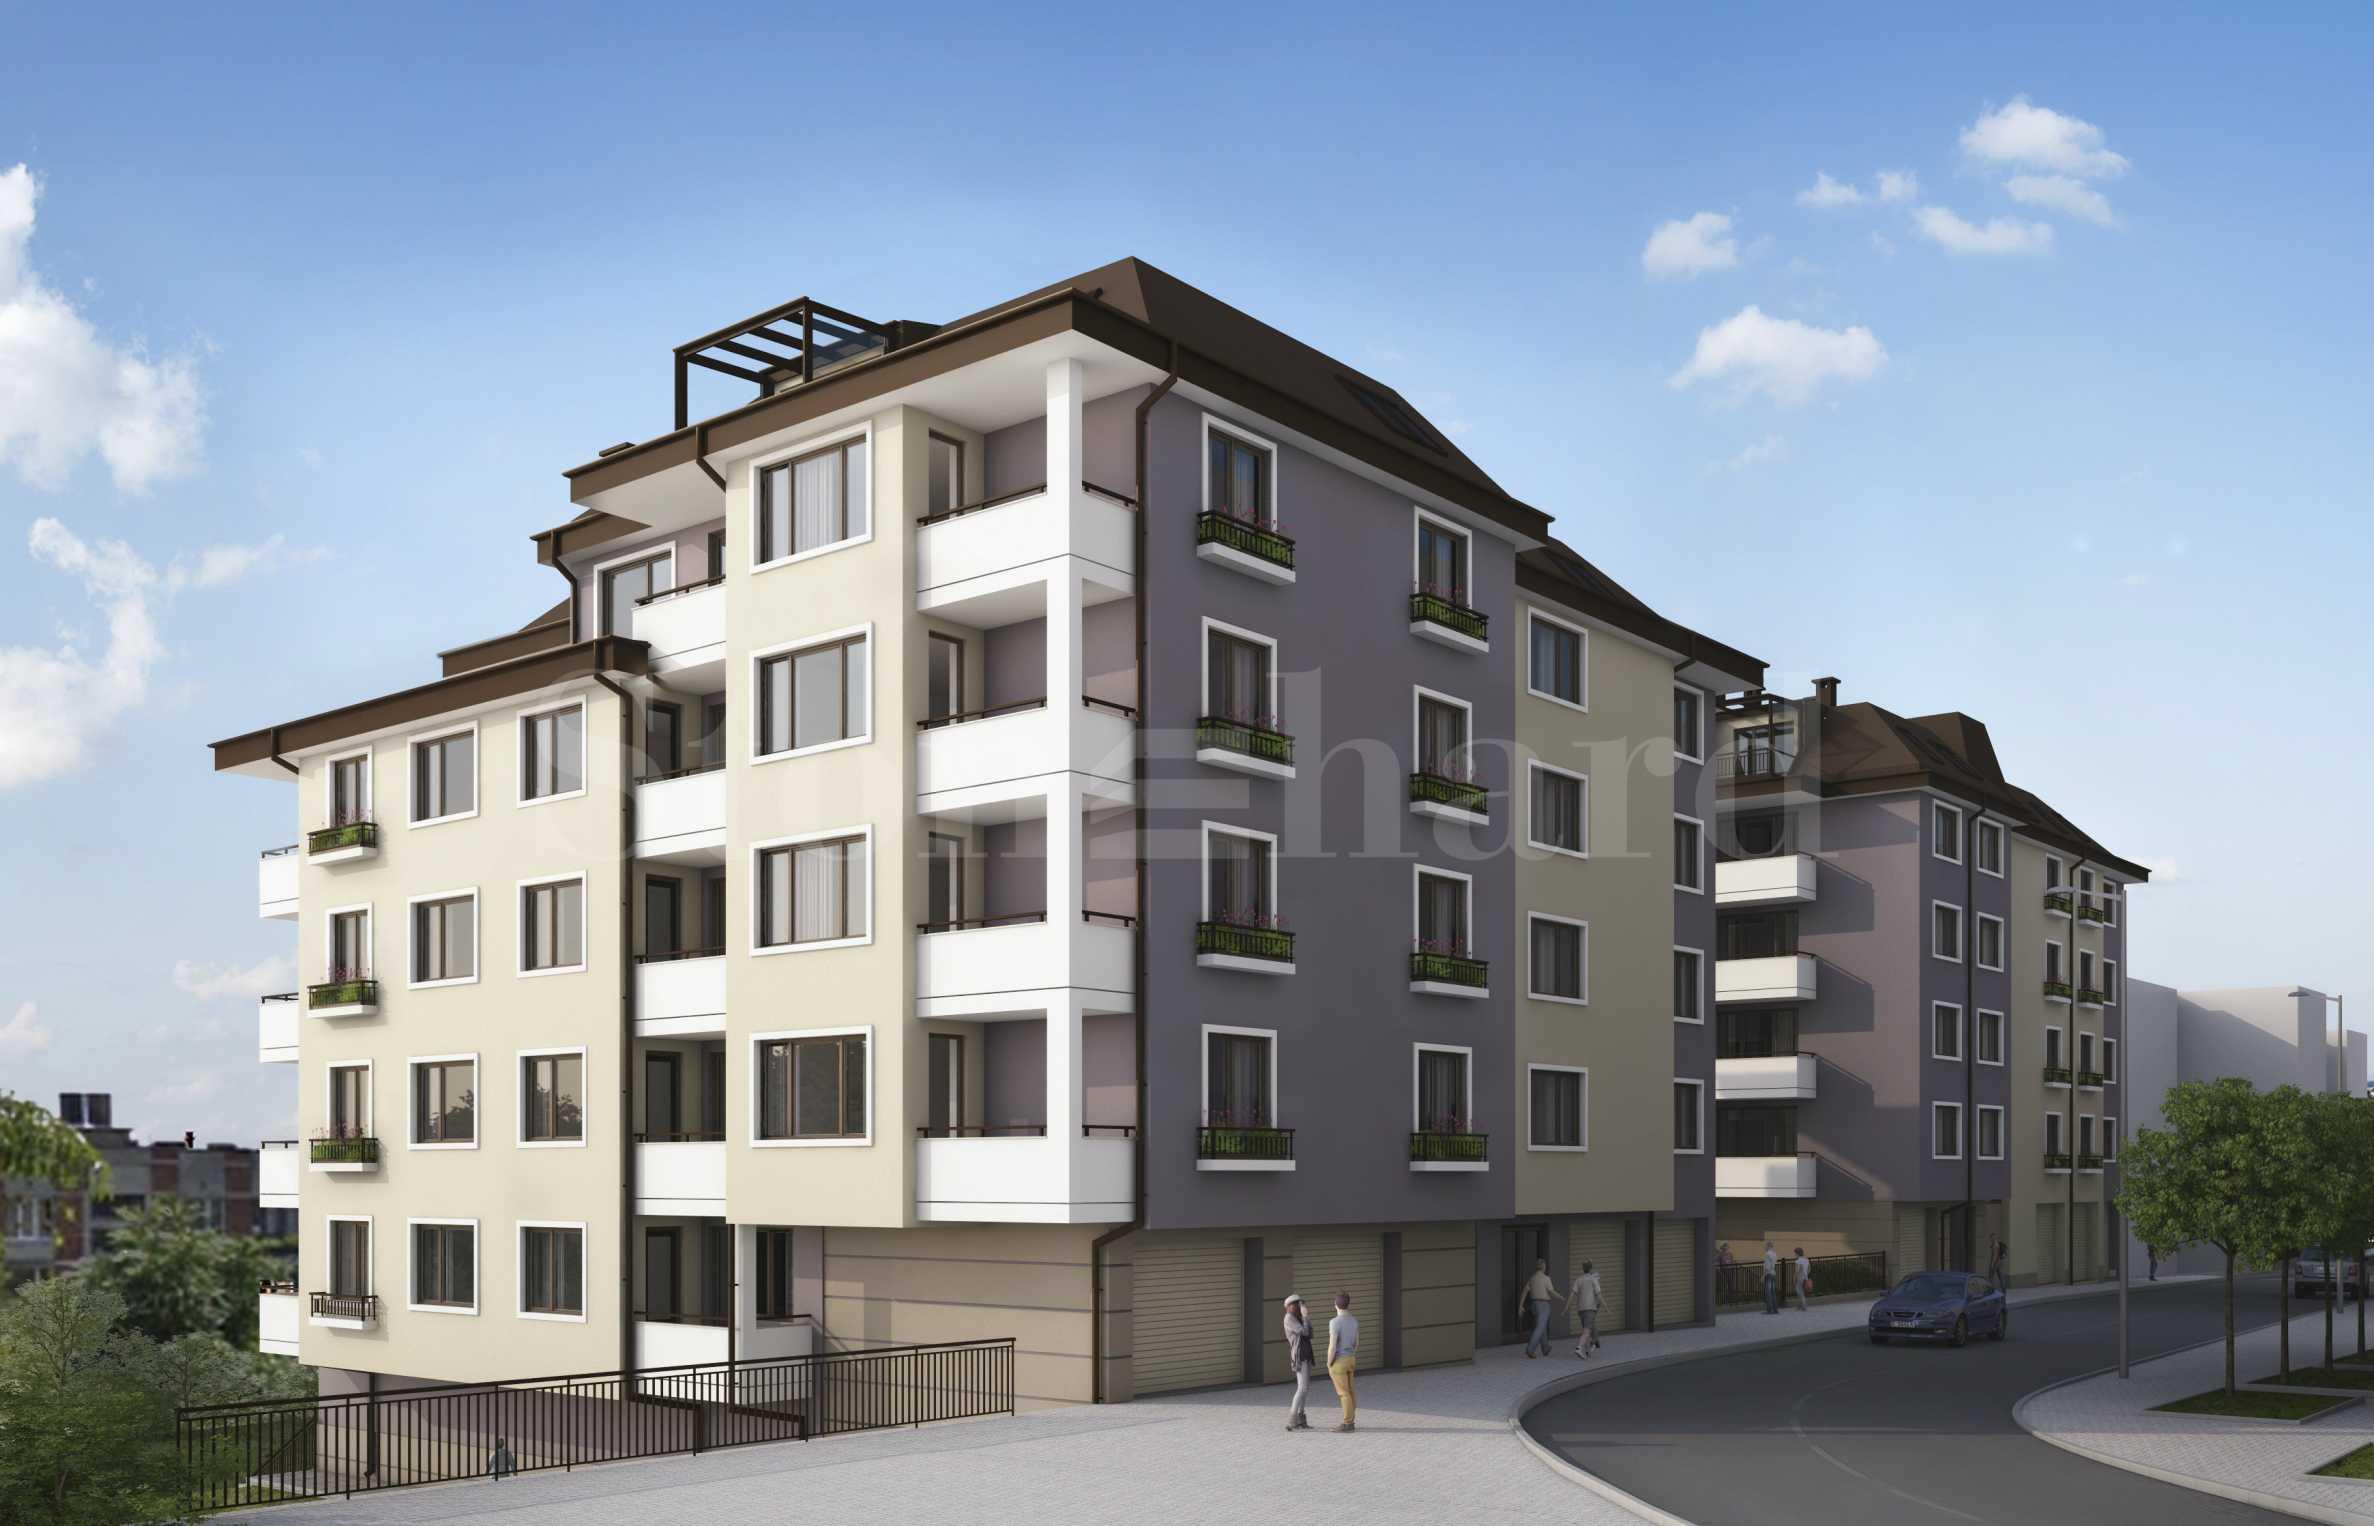 Apartment in Veliko Tarnovo1 - Stonehard